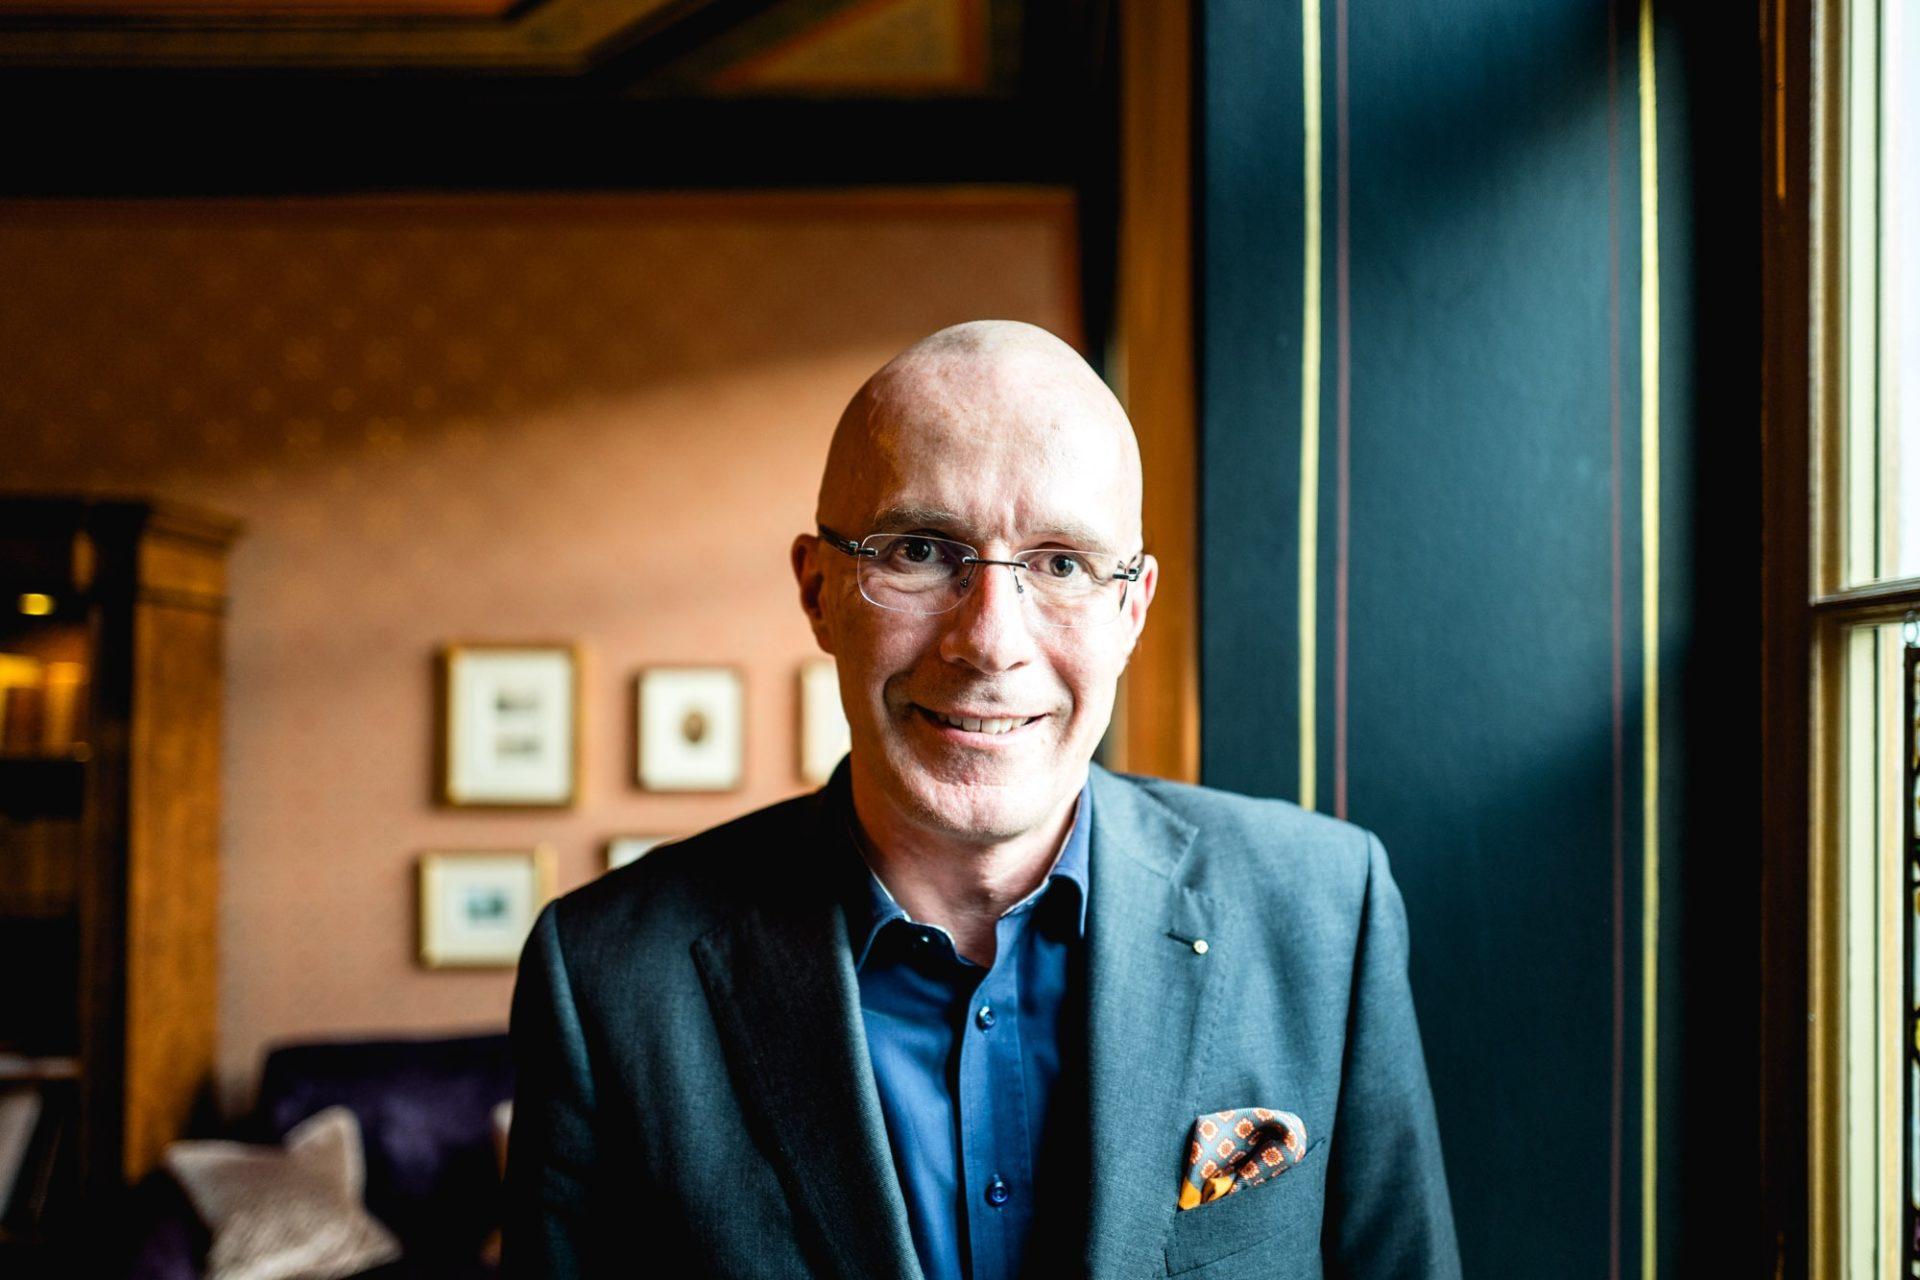 Portrait de Michel Loris-Melikoff, nouveau Directeur Général de Baselworld